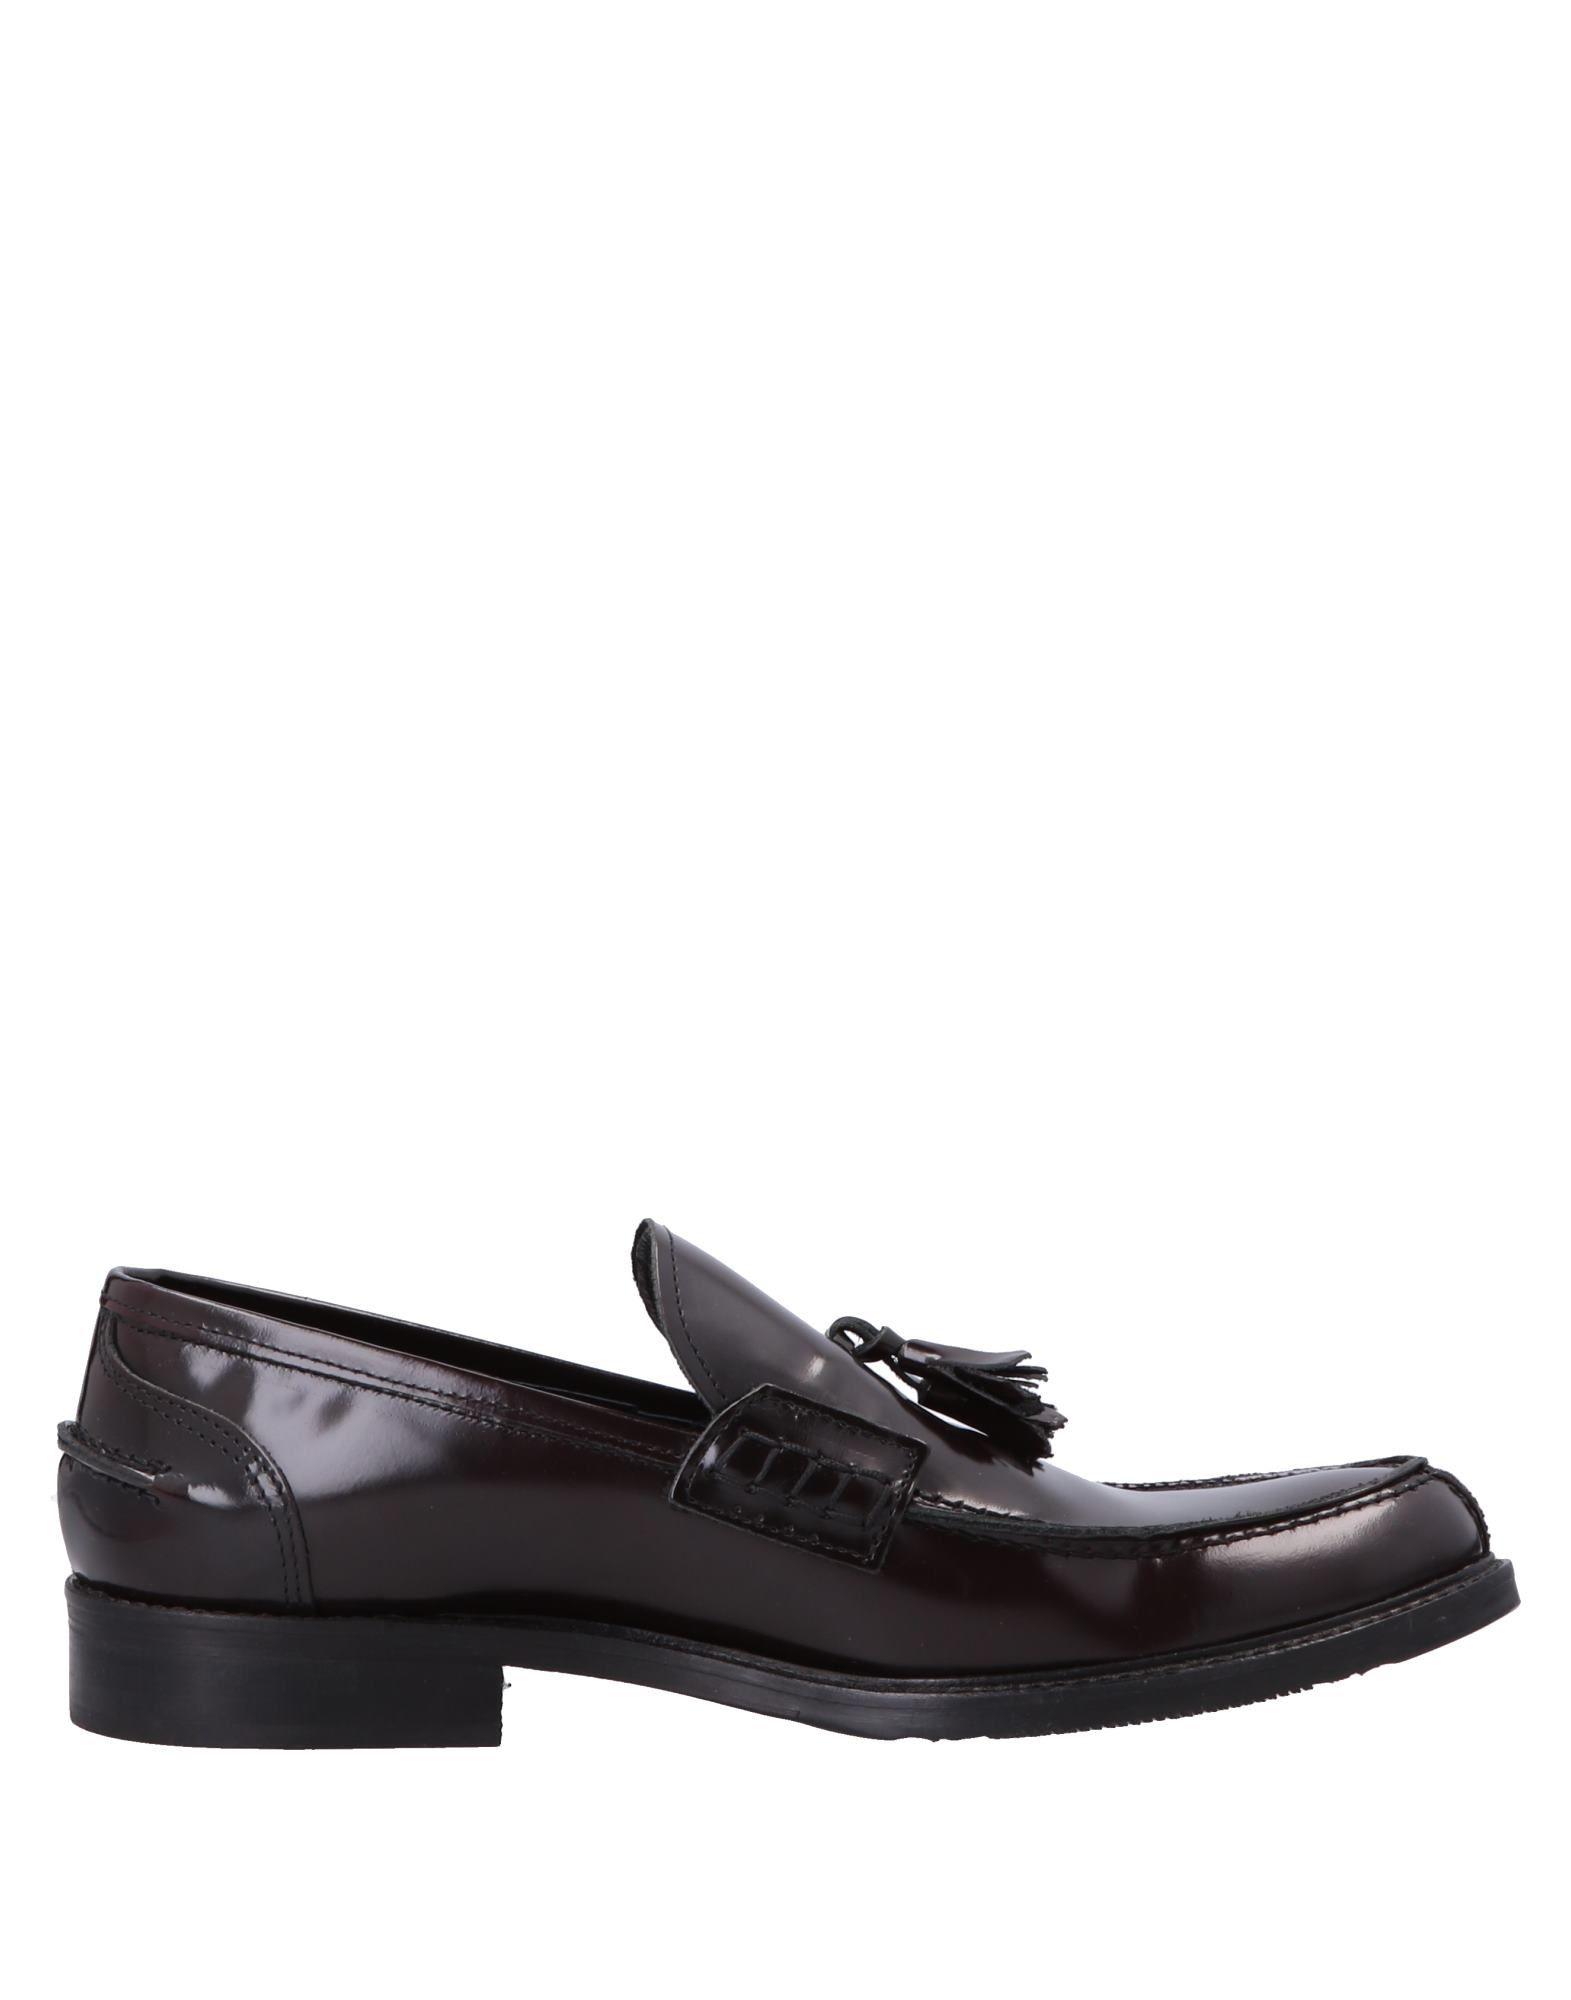 Rabatt echte Schuhe Bruno Verri Mokassins Herren  11555206PH